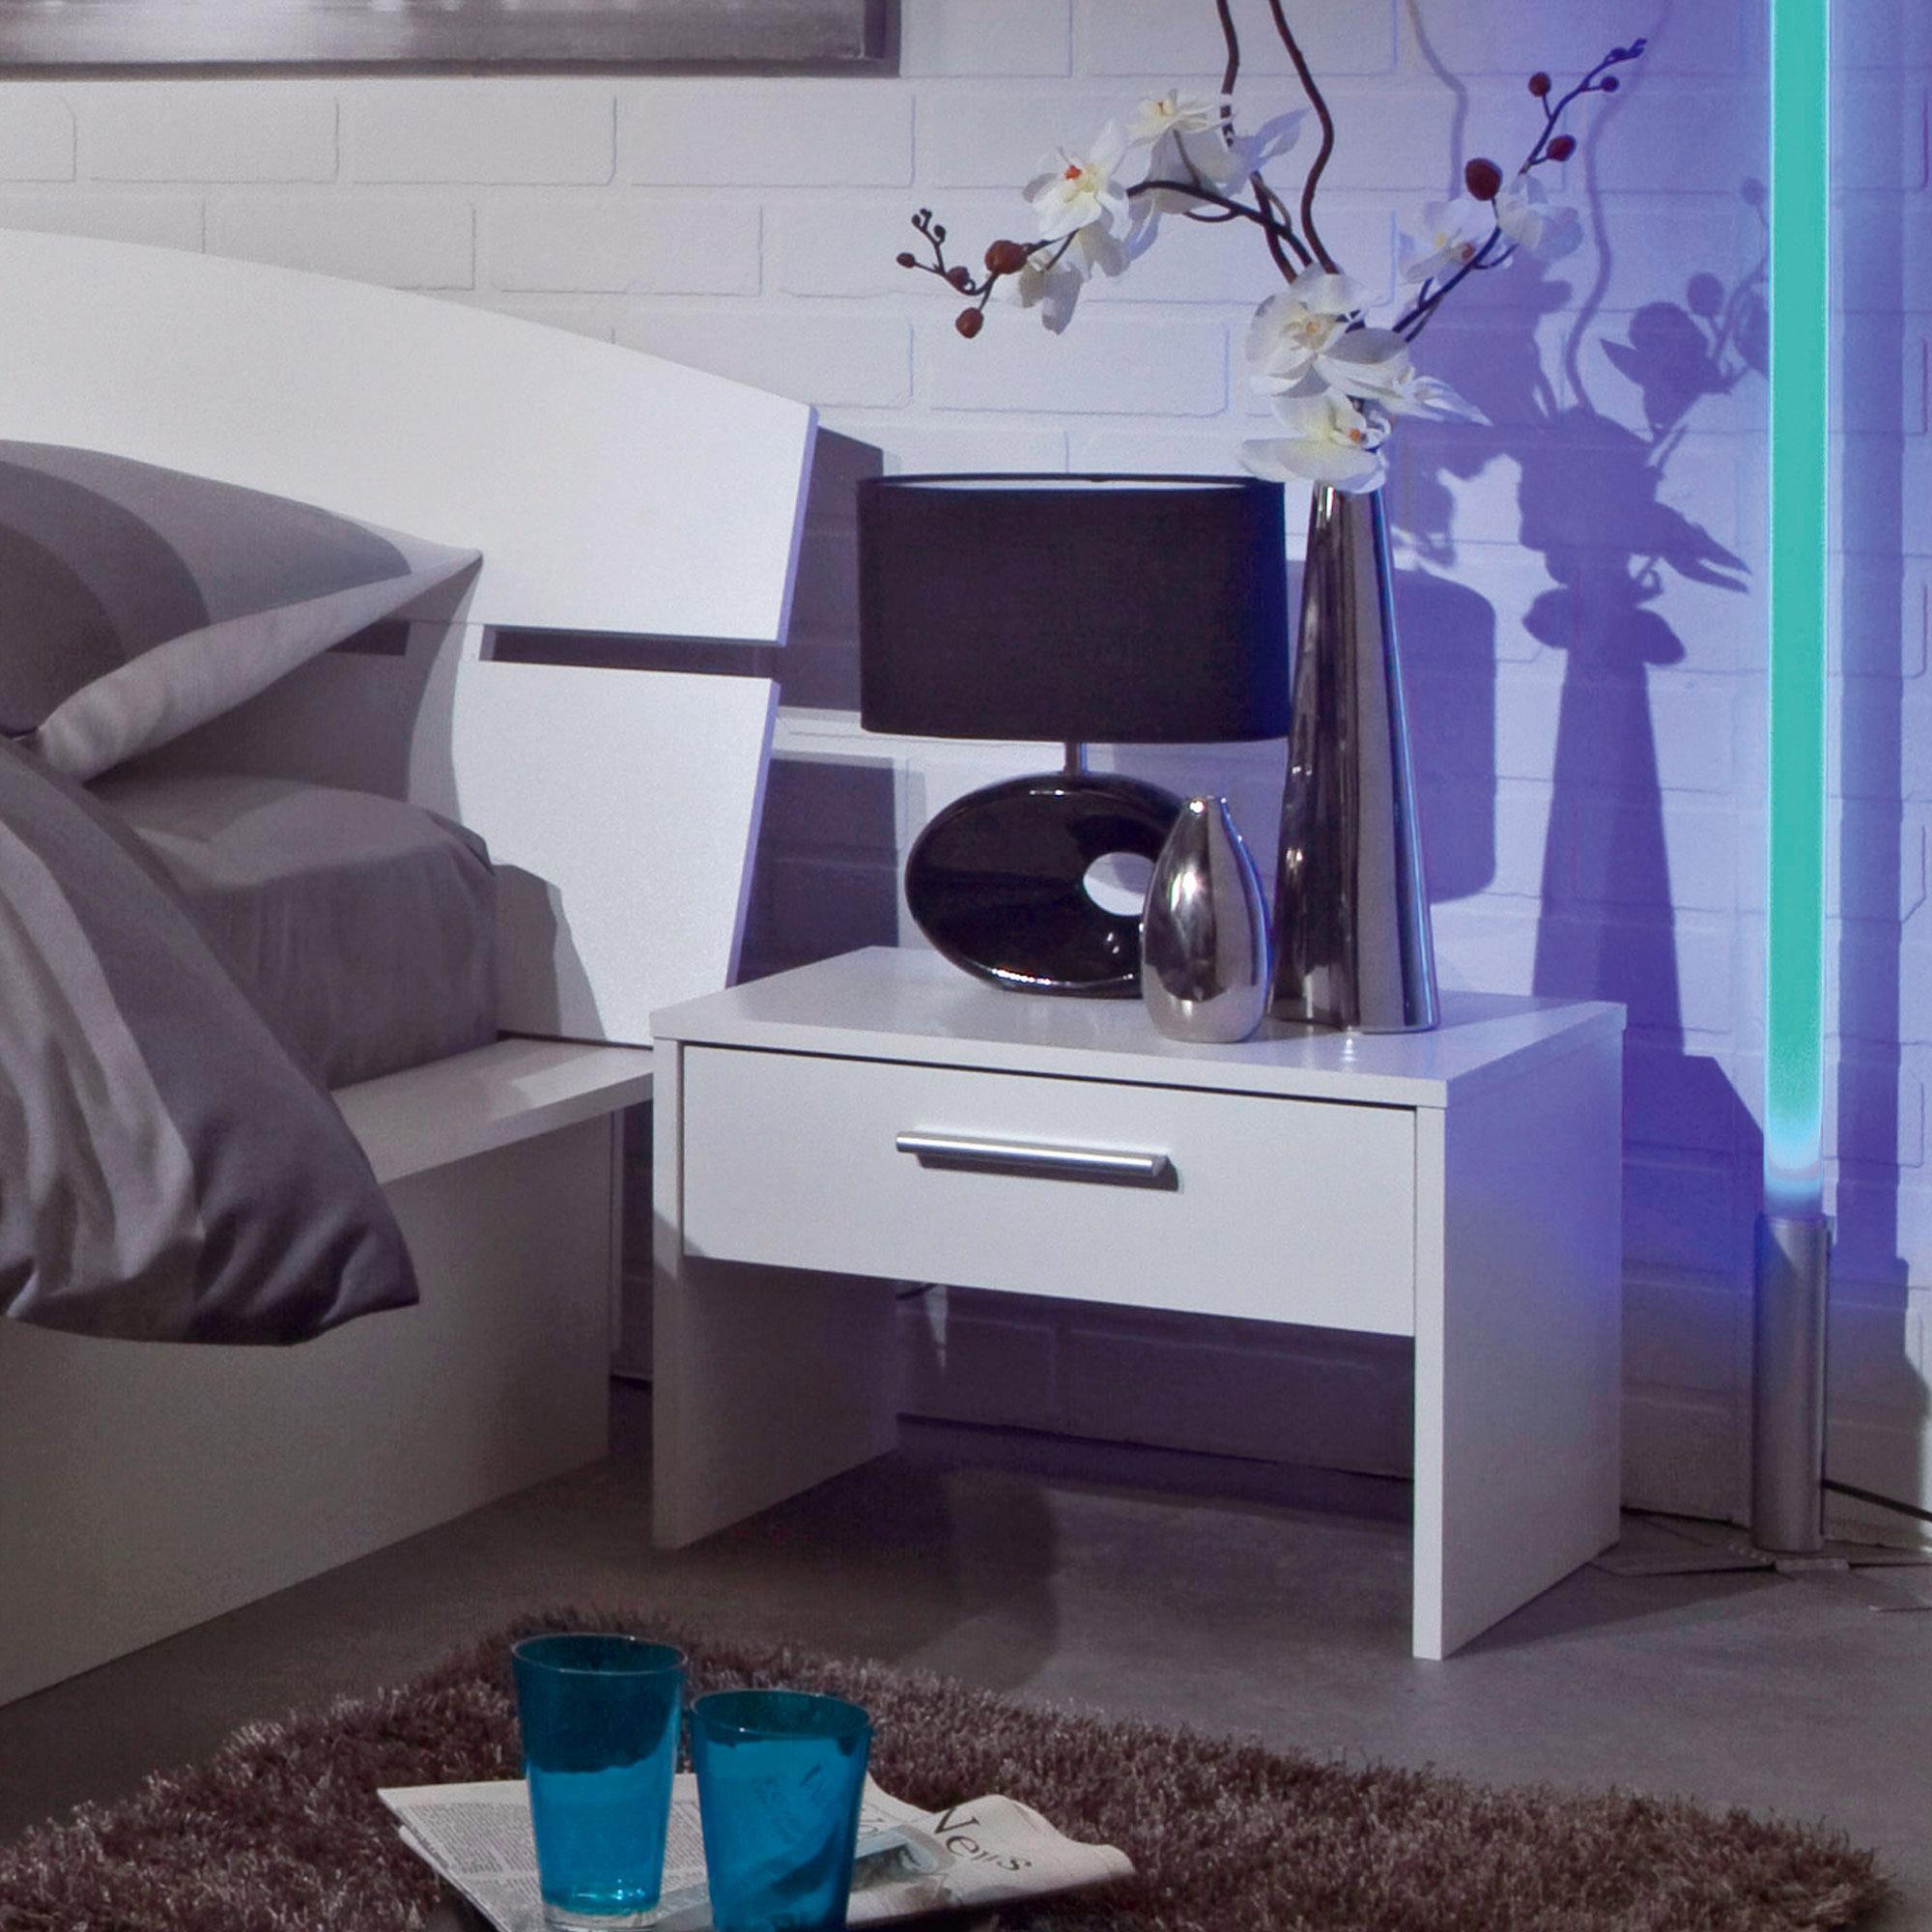 barriere de securite conforama elegant barriere extensible exterieur nouveau barrire extensible. Black Bedroom Furniture Sets. Home Design Ideas